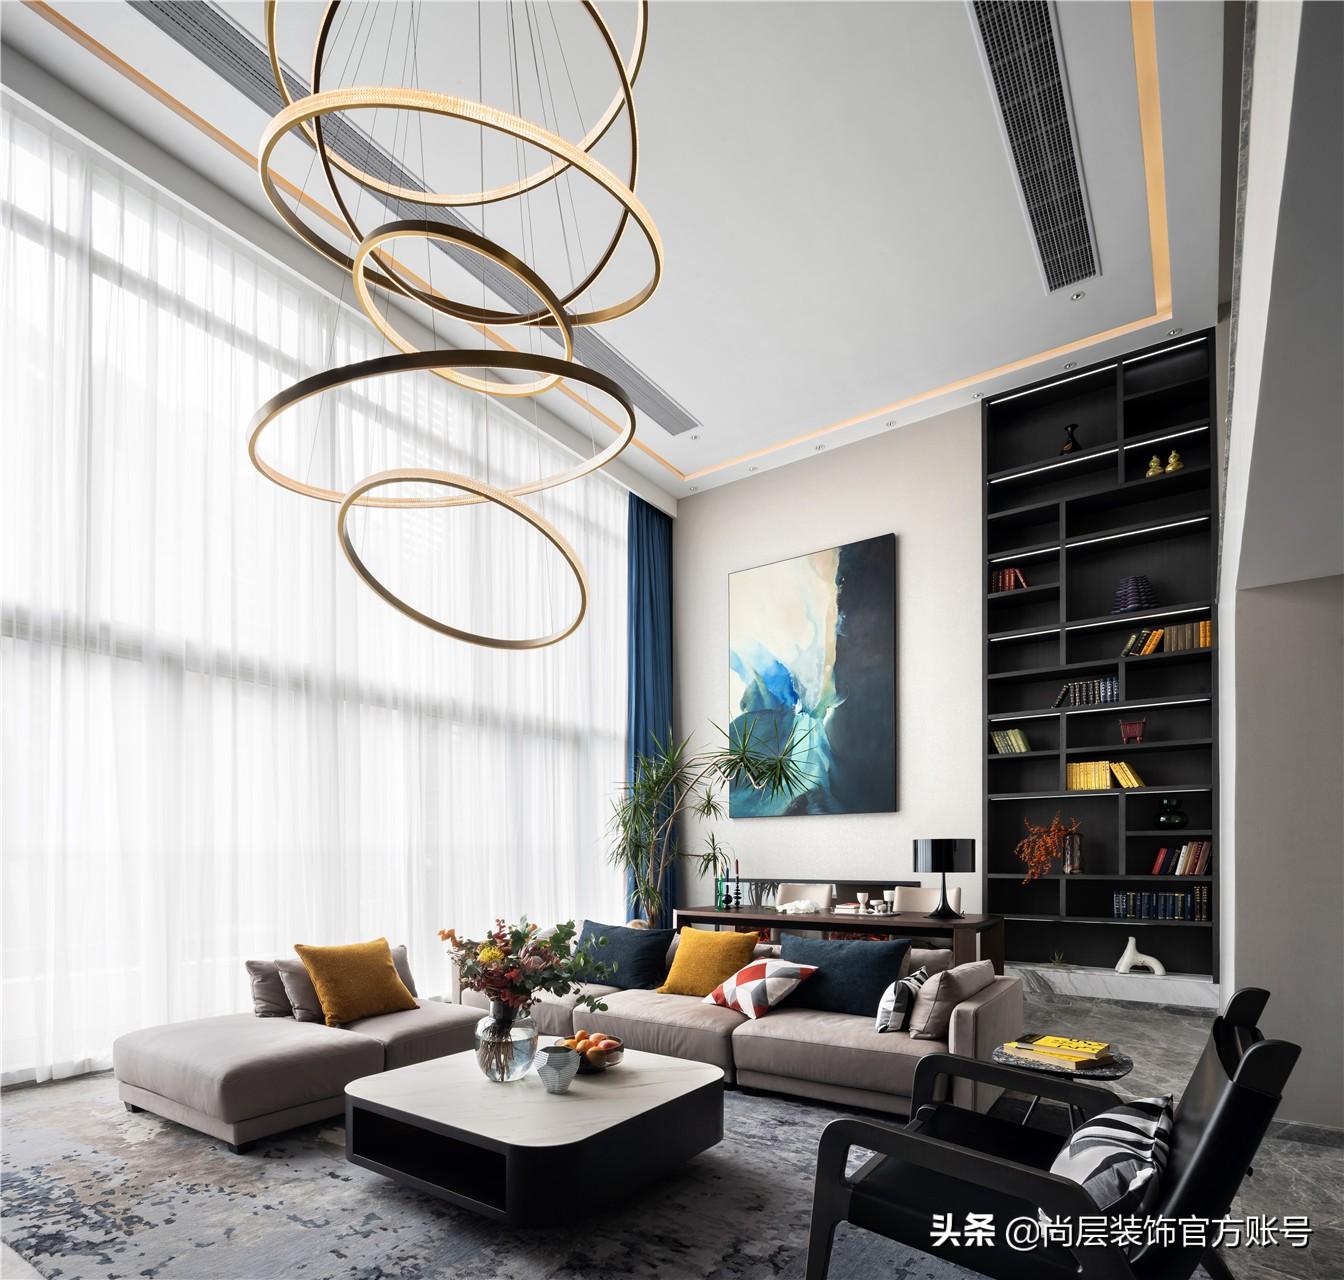 高級灰+下沉式露臺,年輕夫妻600㎡的新家裝修,詮釋時尚摩登質感